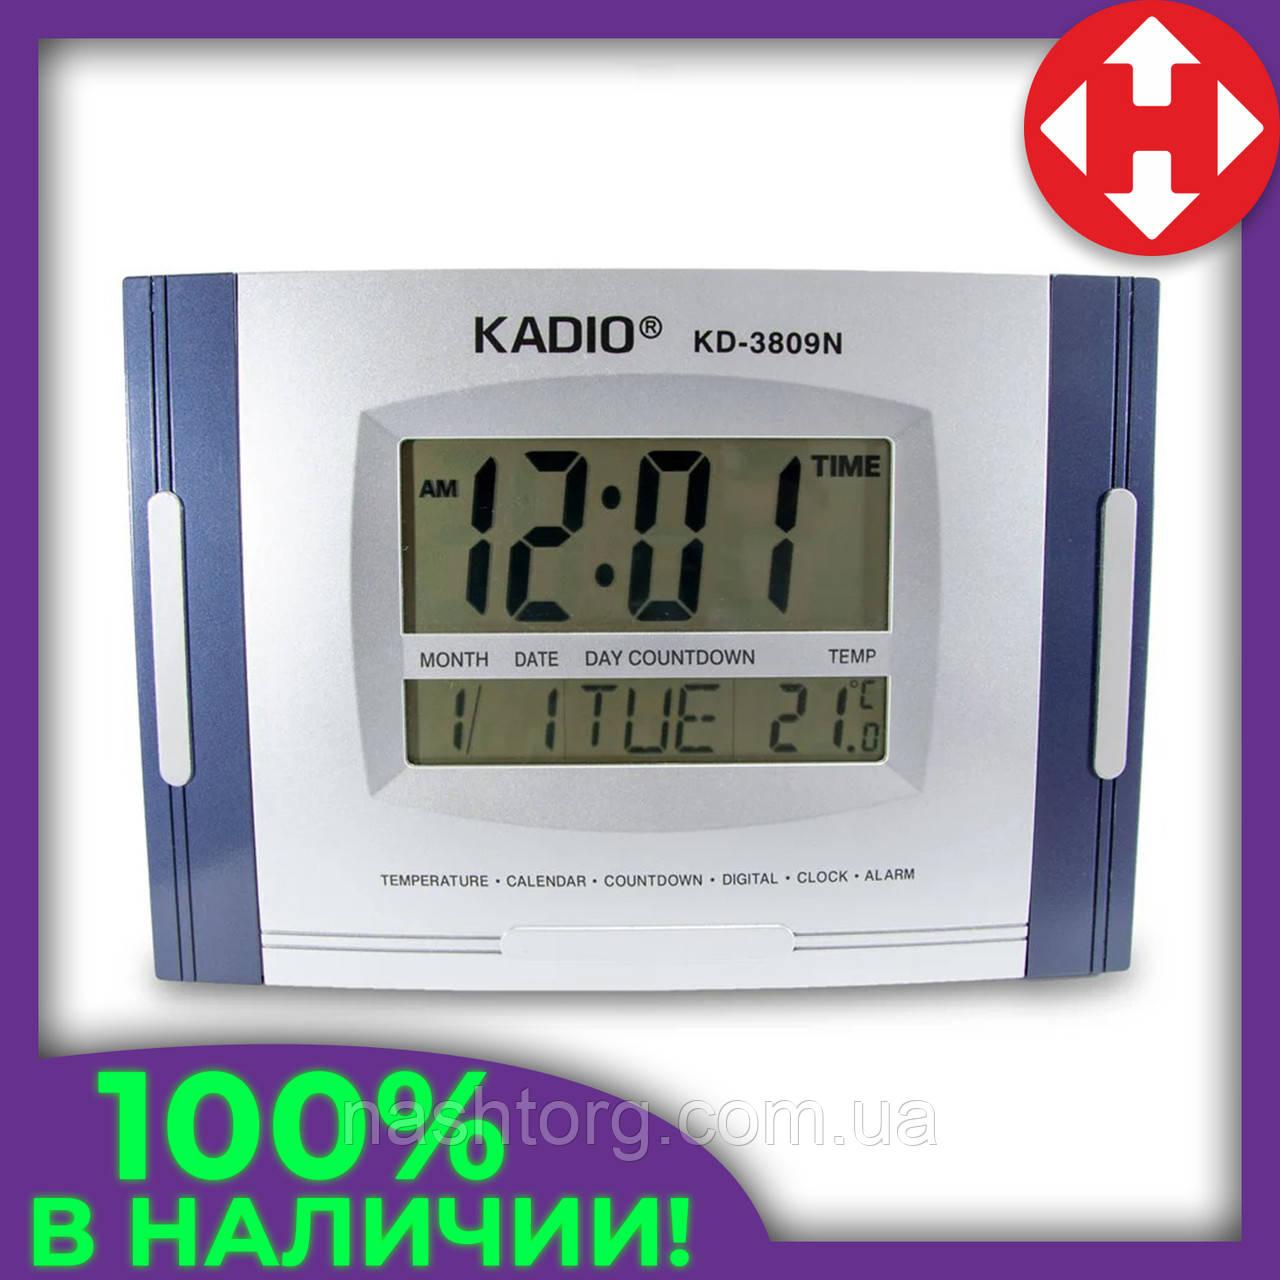 Распродажа! Электронные часы Kadio (KD-3809N), Синие, настенные цифровые часы, с большим экраном